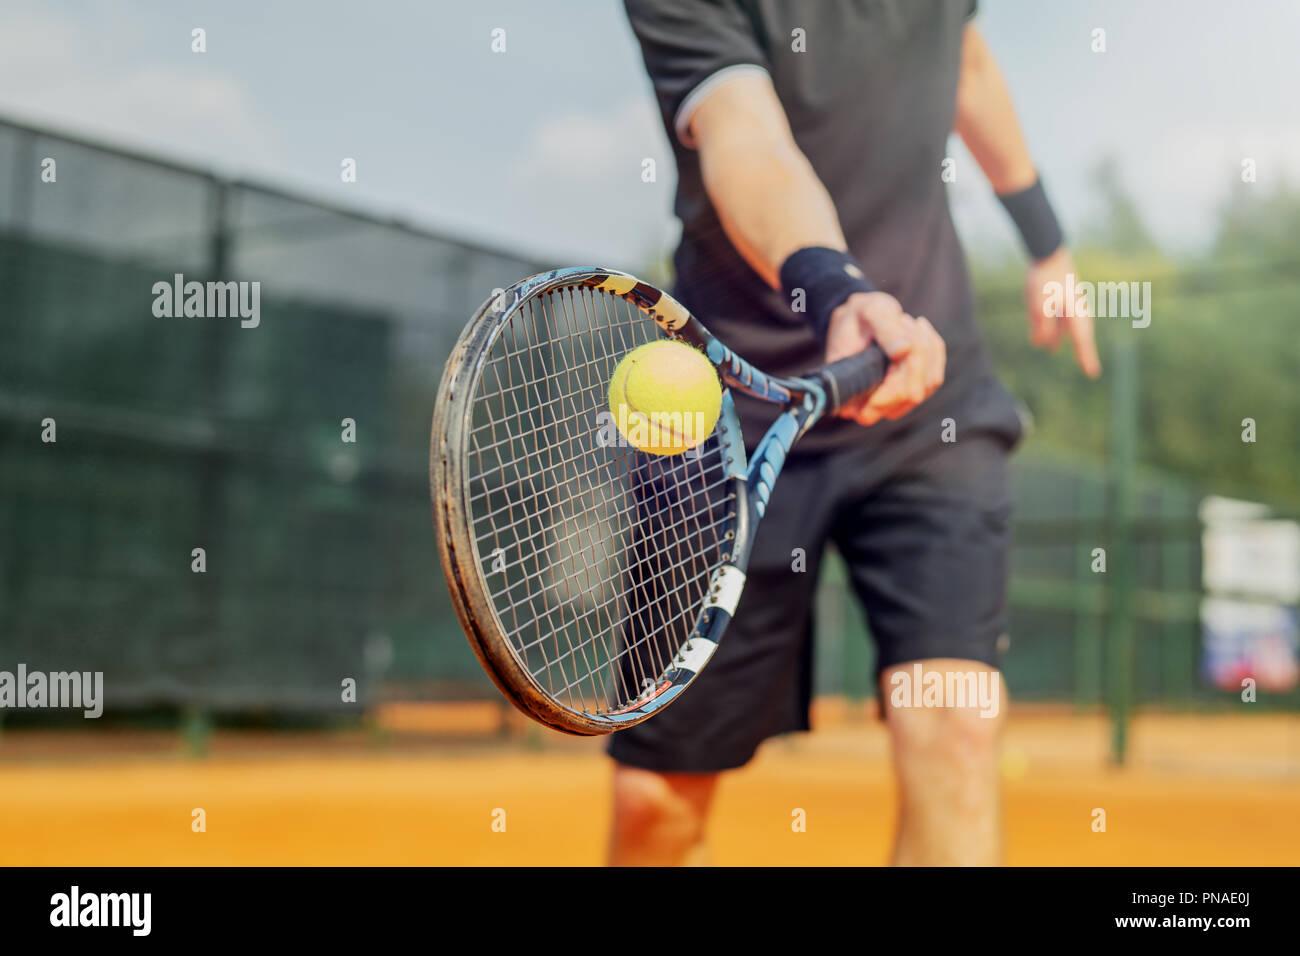 Nahaufnahme von jungen attraktiven Mann spielt Tennis Tennisplatz und schlagen den Ball mit einem Schläger. Spieler schlägt den Ball mit Schläger beim Spielen m Stockbild